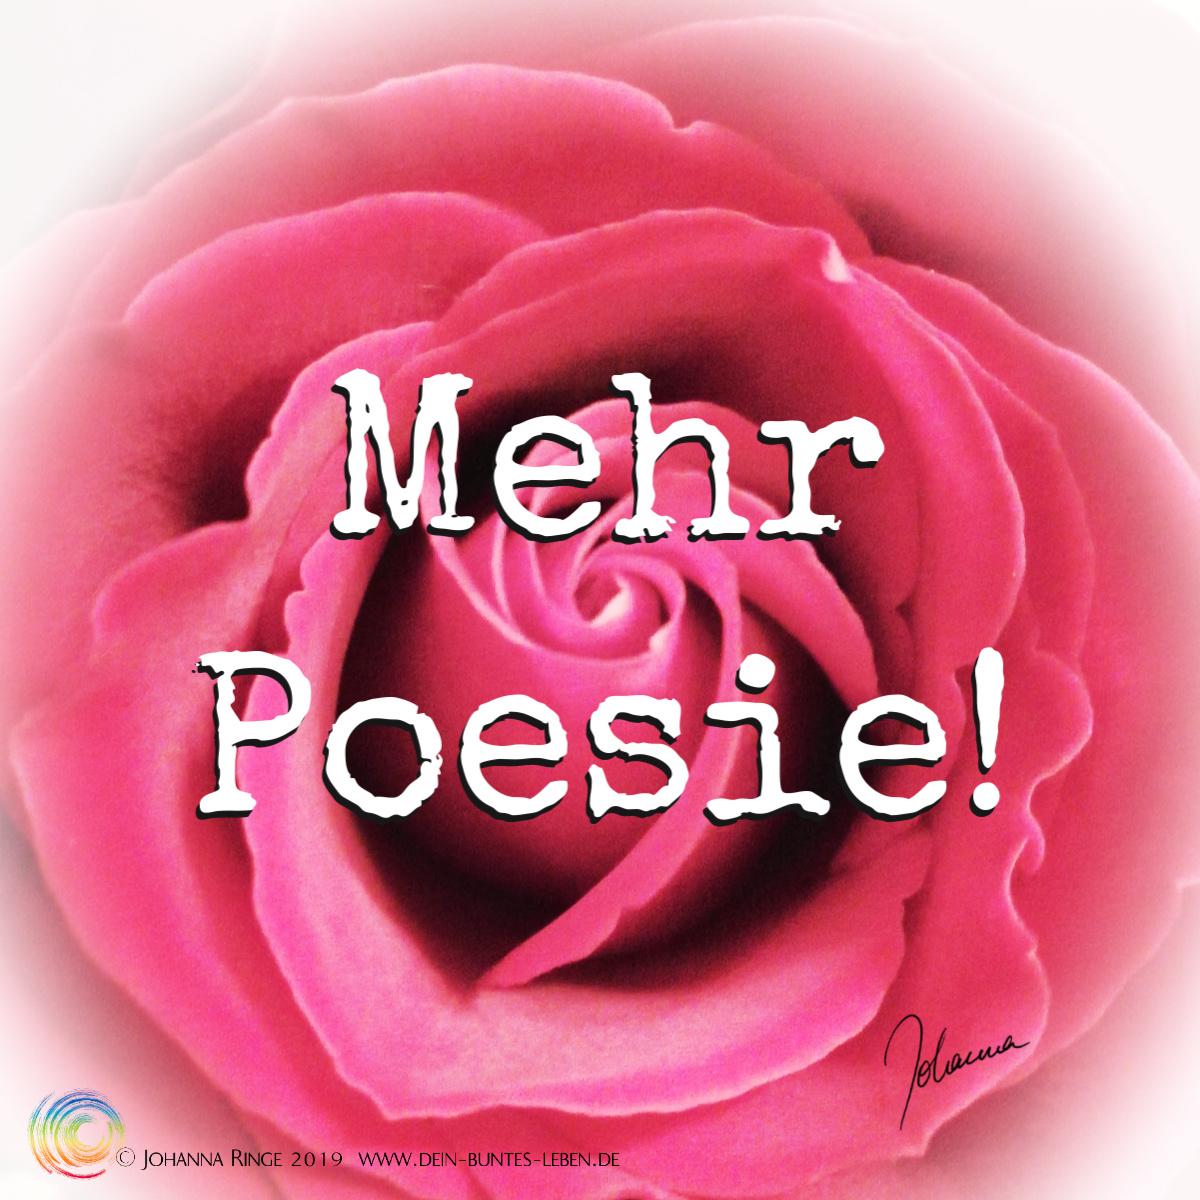 Mehr Poesie! als Text über dem Foto einer Rosenblüte. ©Johanna Ringe 2019. www.dein-buntes-leben.de